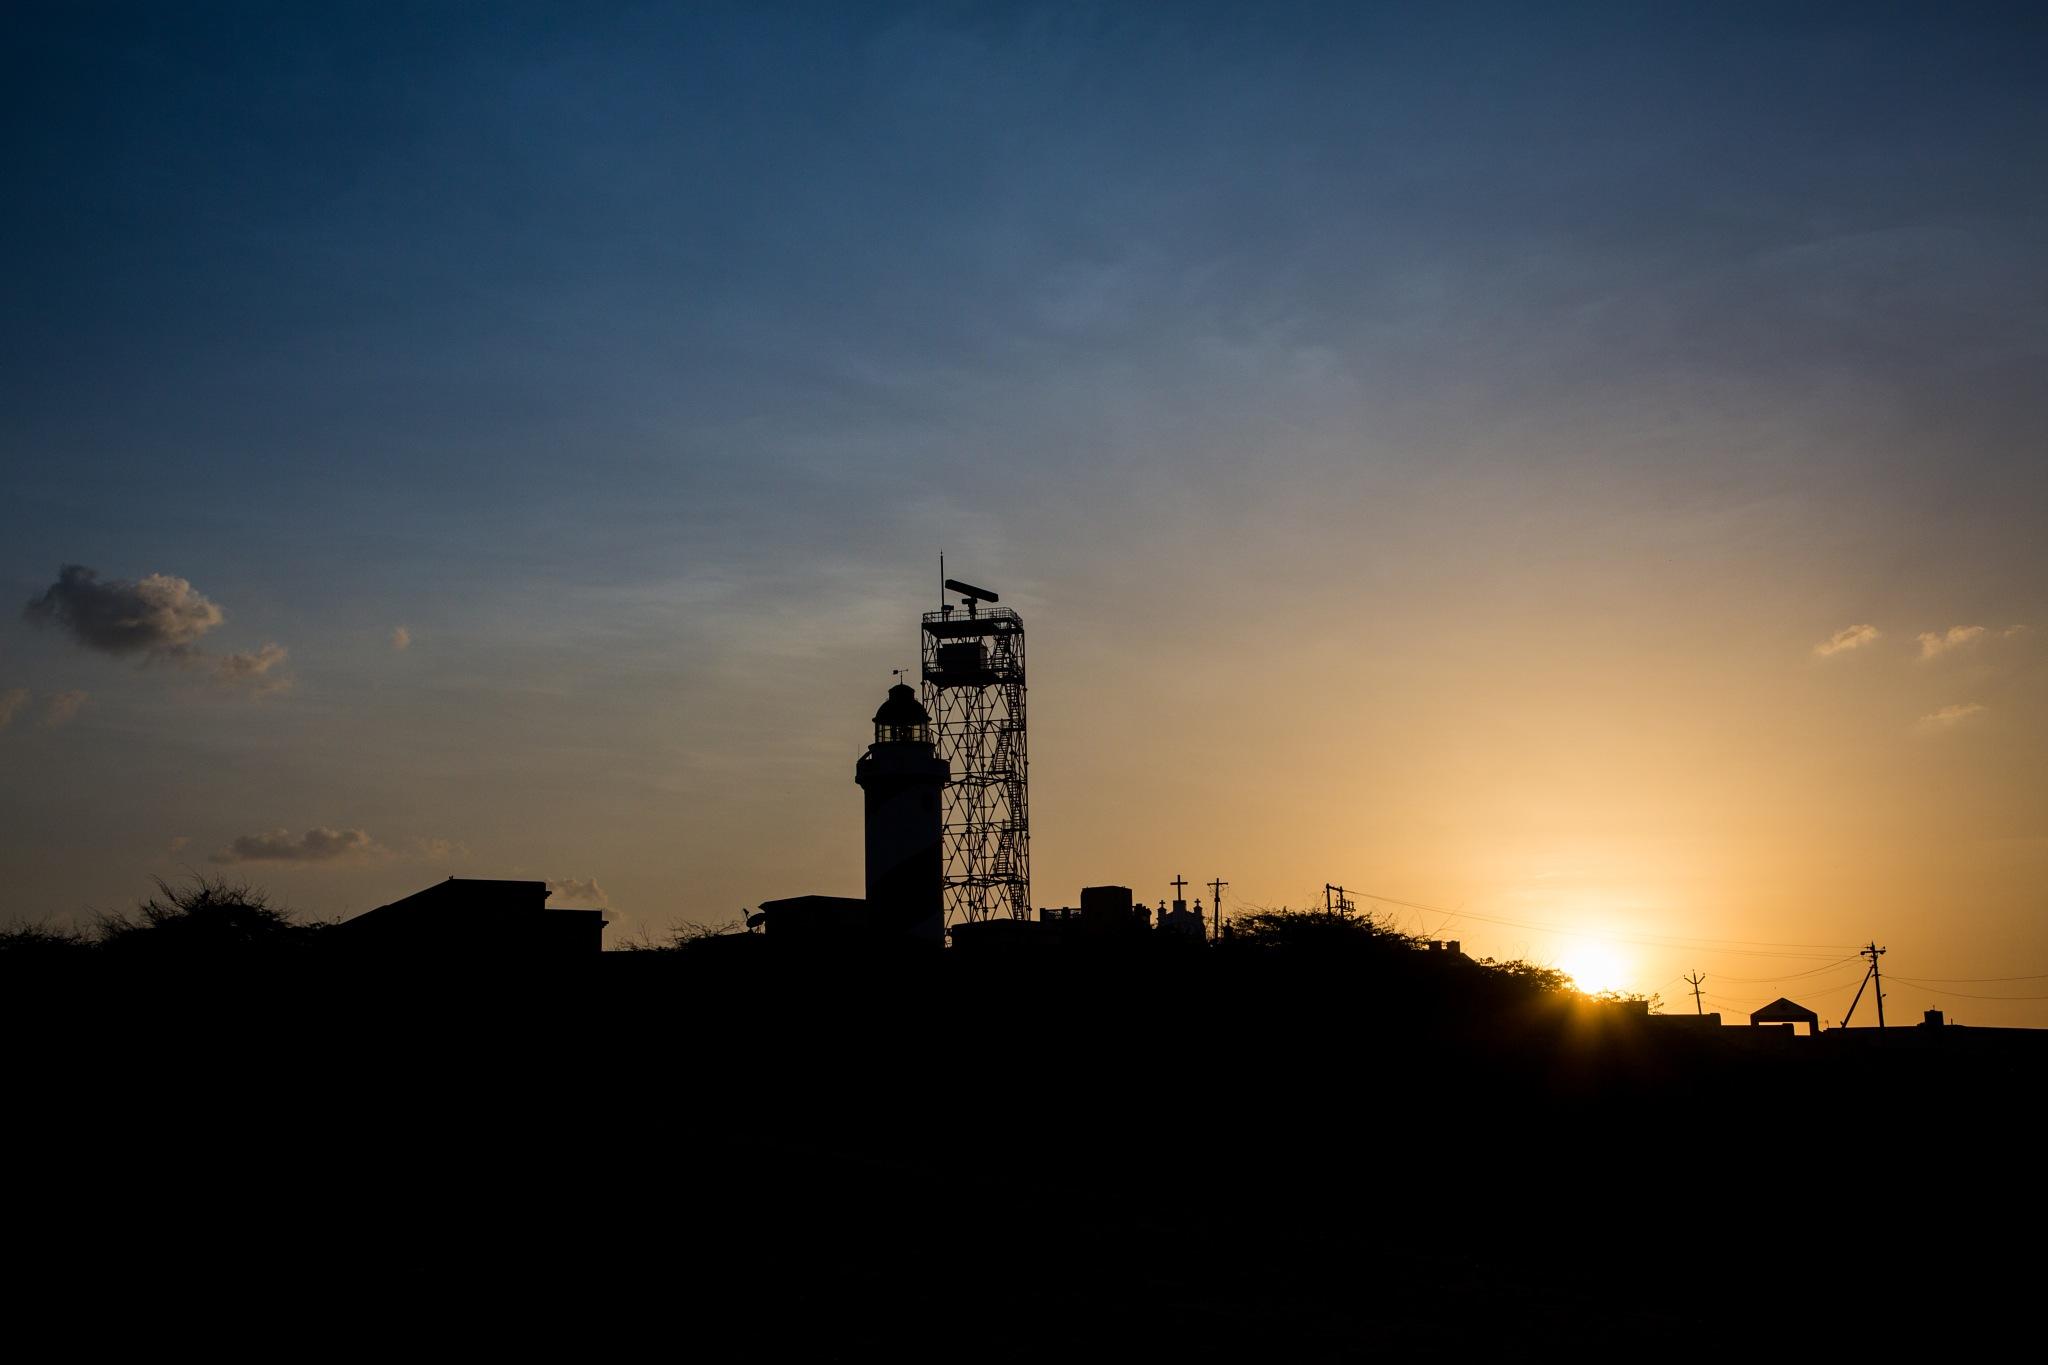 Light house - Sunset by karthikeyan chinnathamby